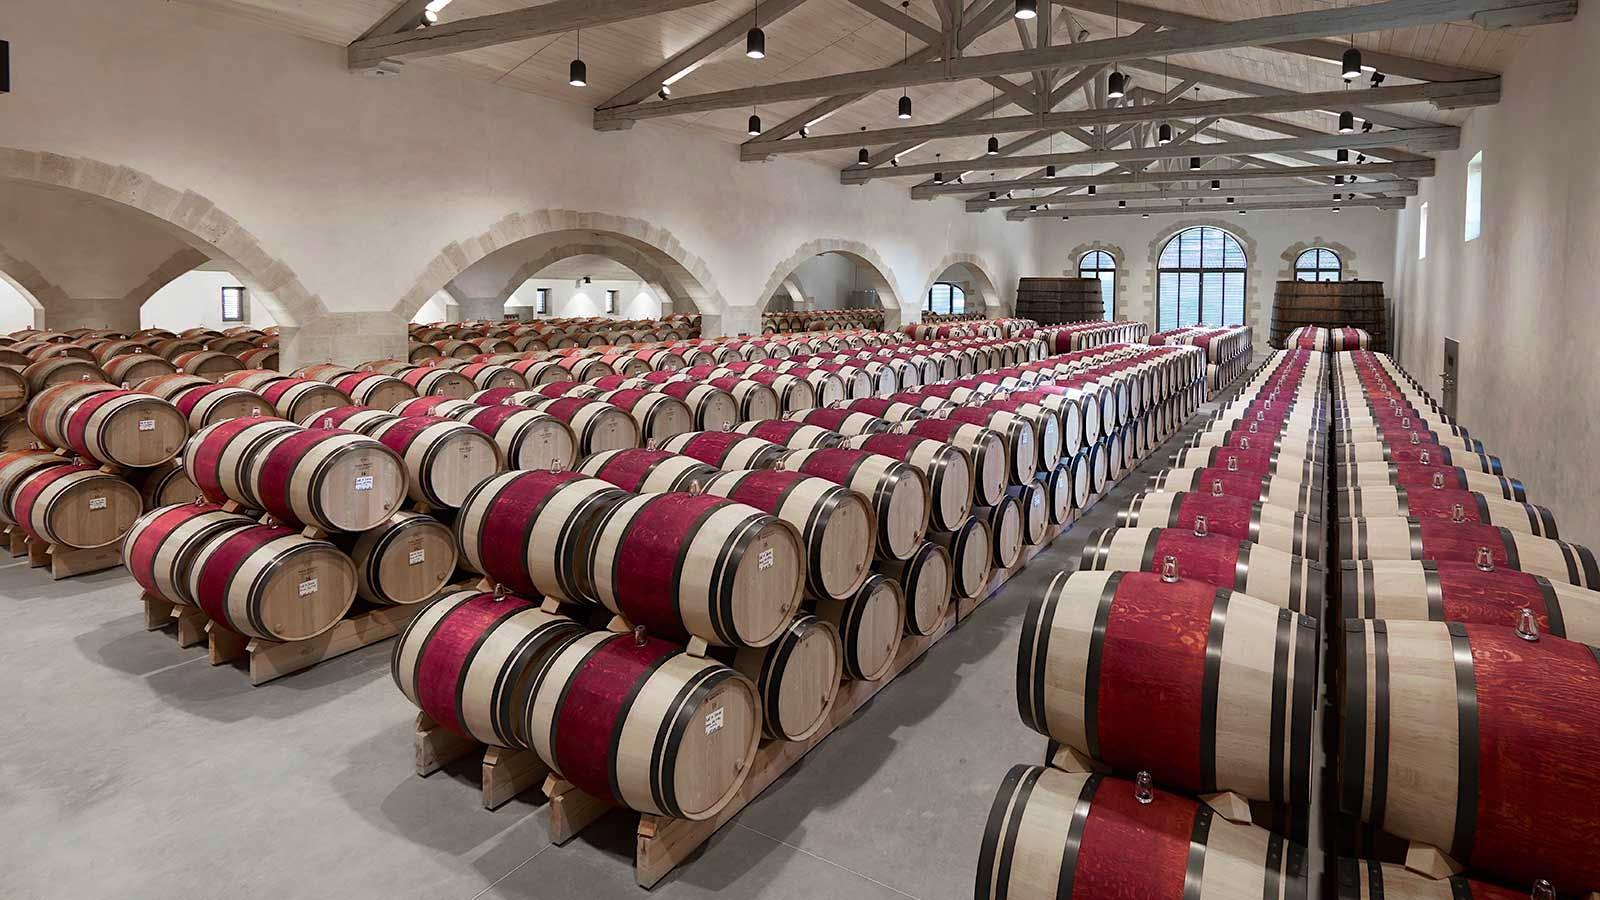 2018 Bordeaux Barrel Tasting